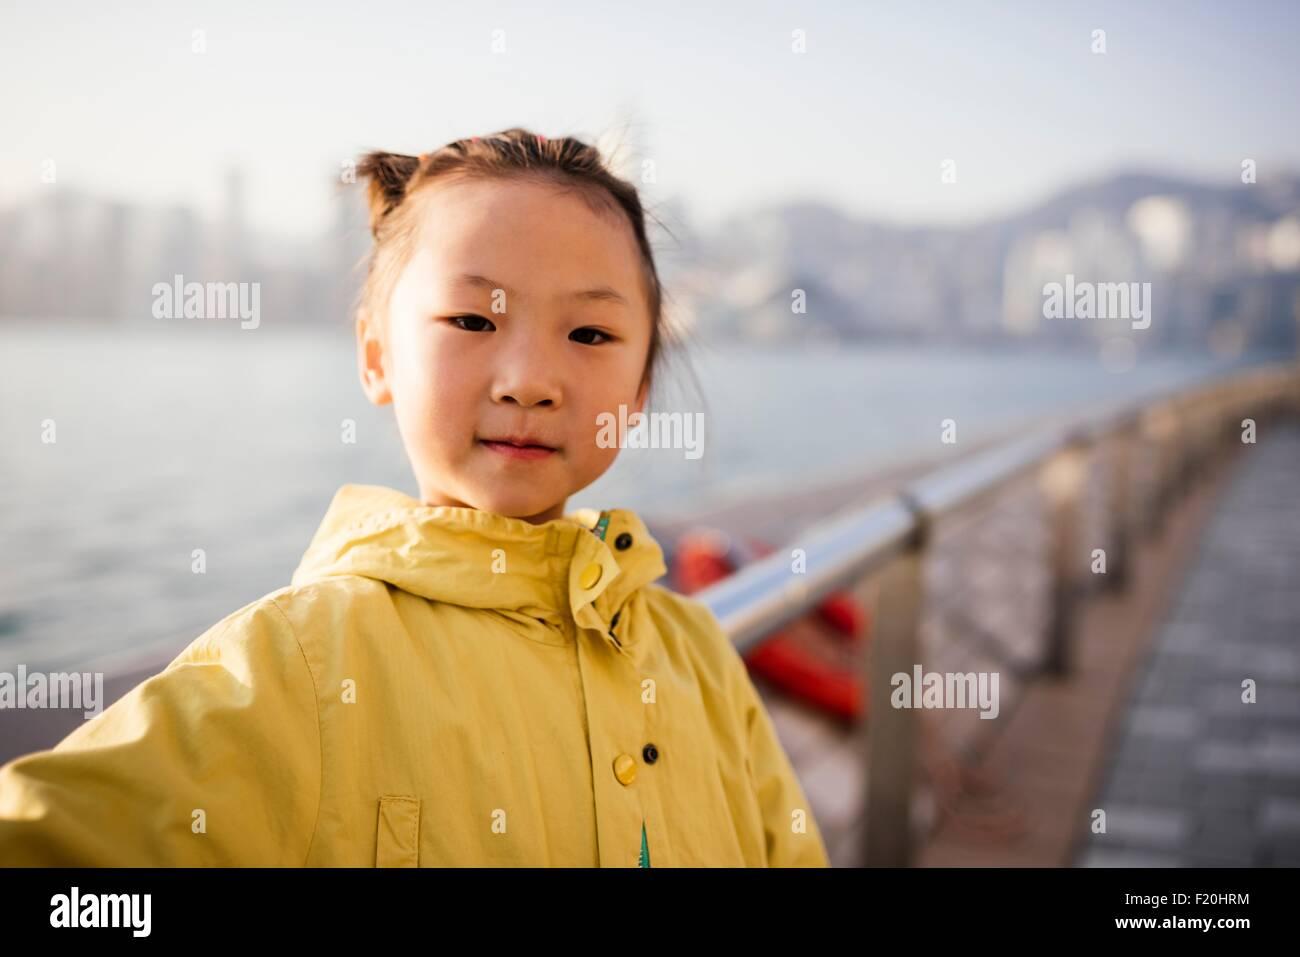 Portrait de jeune fille portant manteau jaune en face de l'eau looking at camera Photo Stock